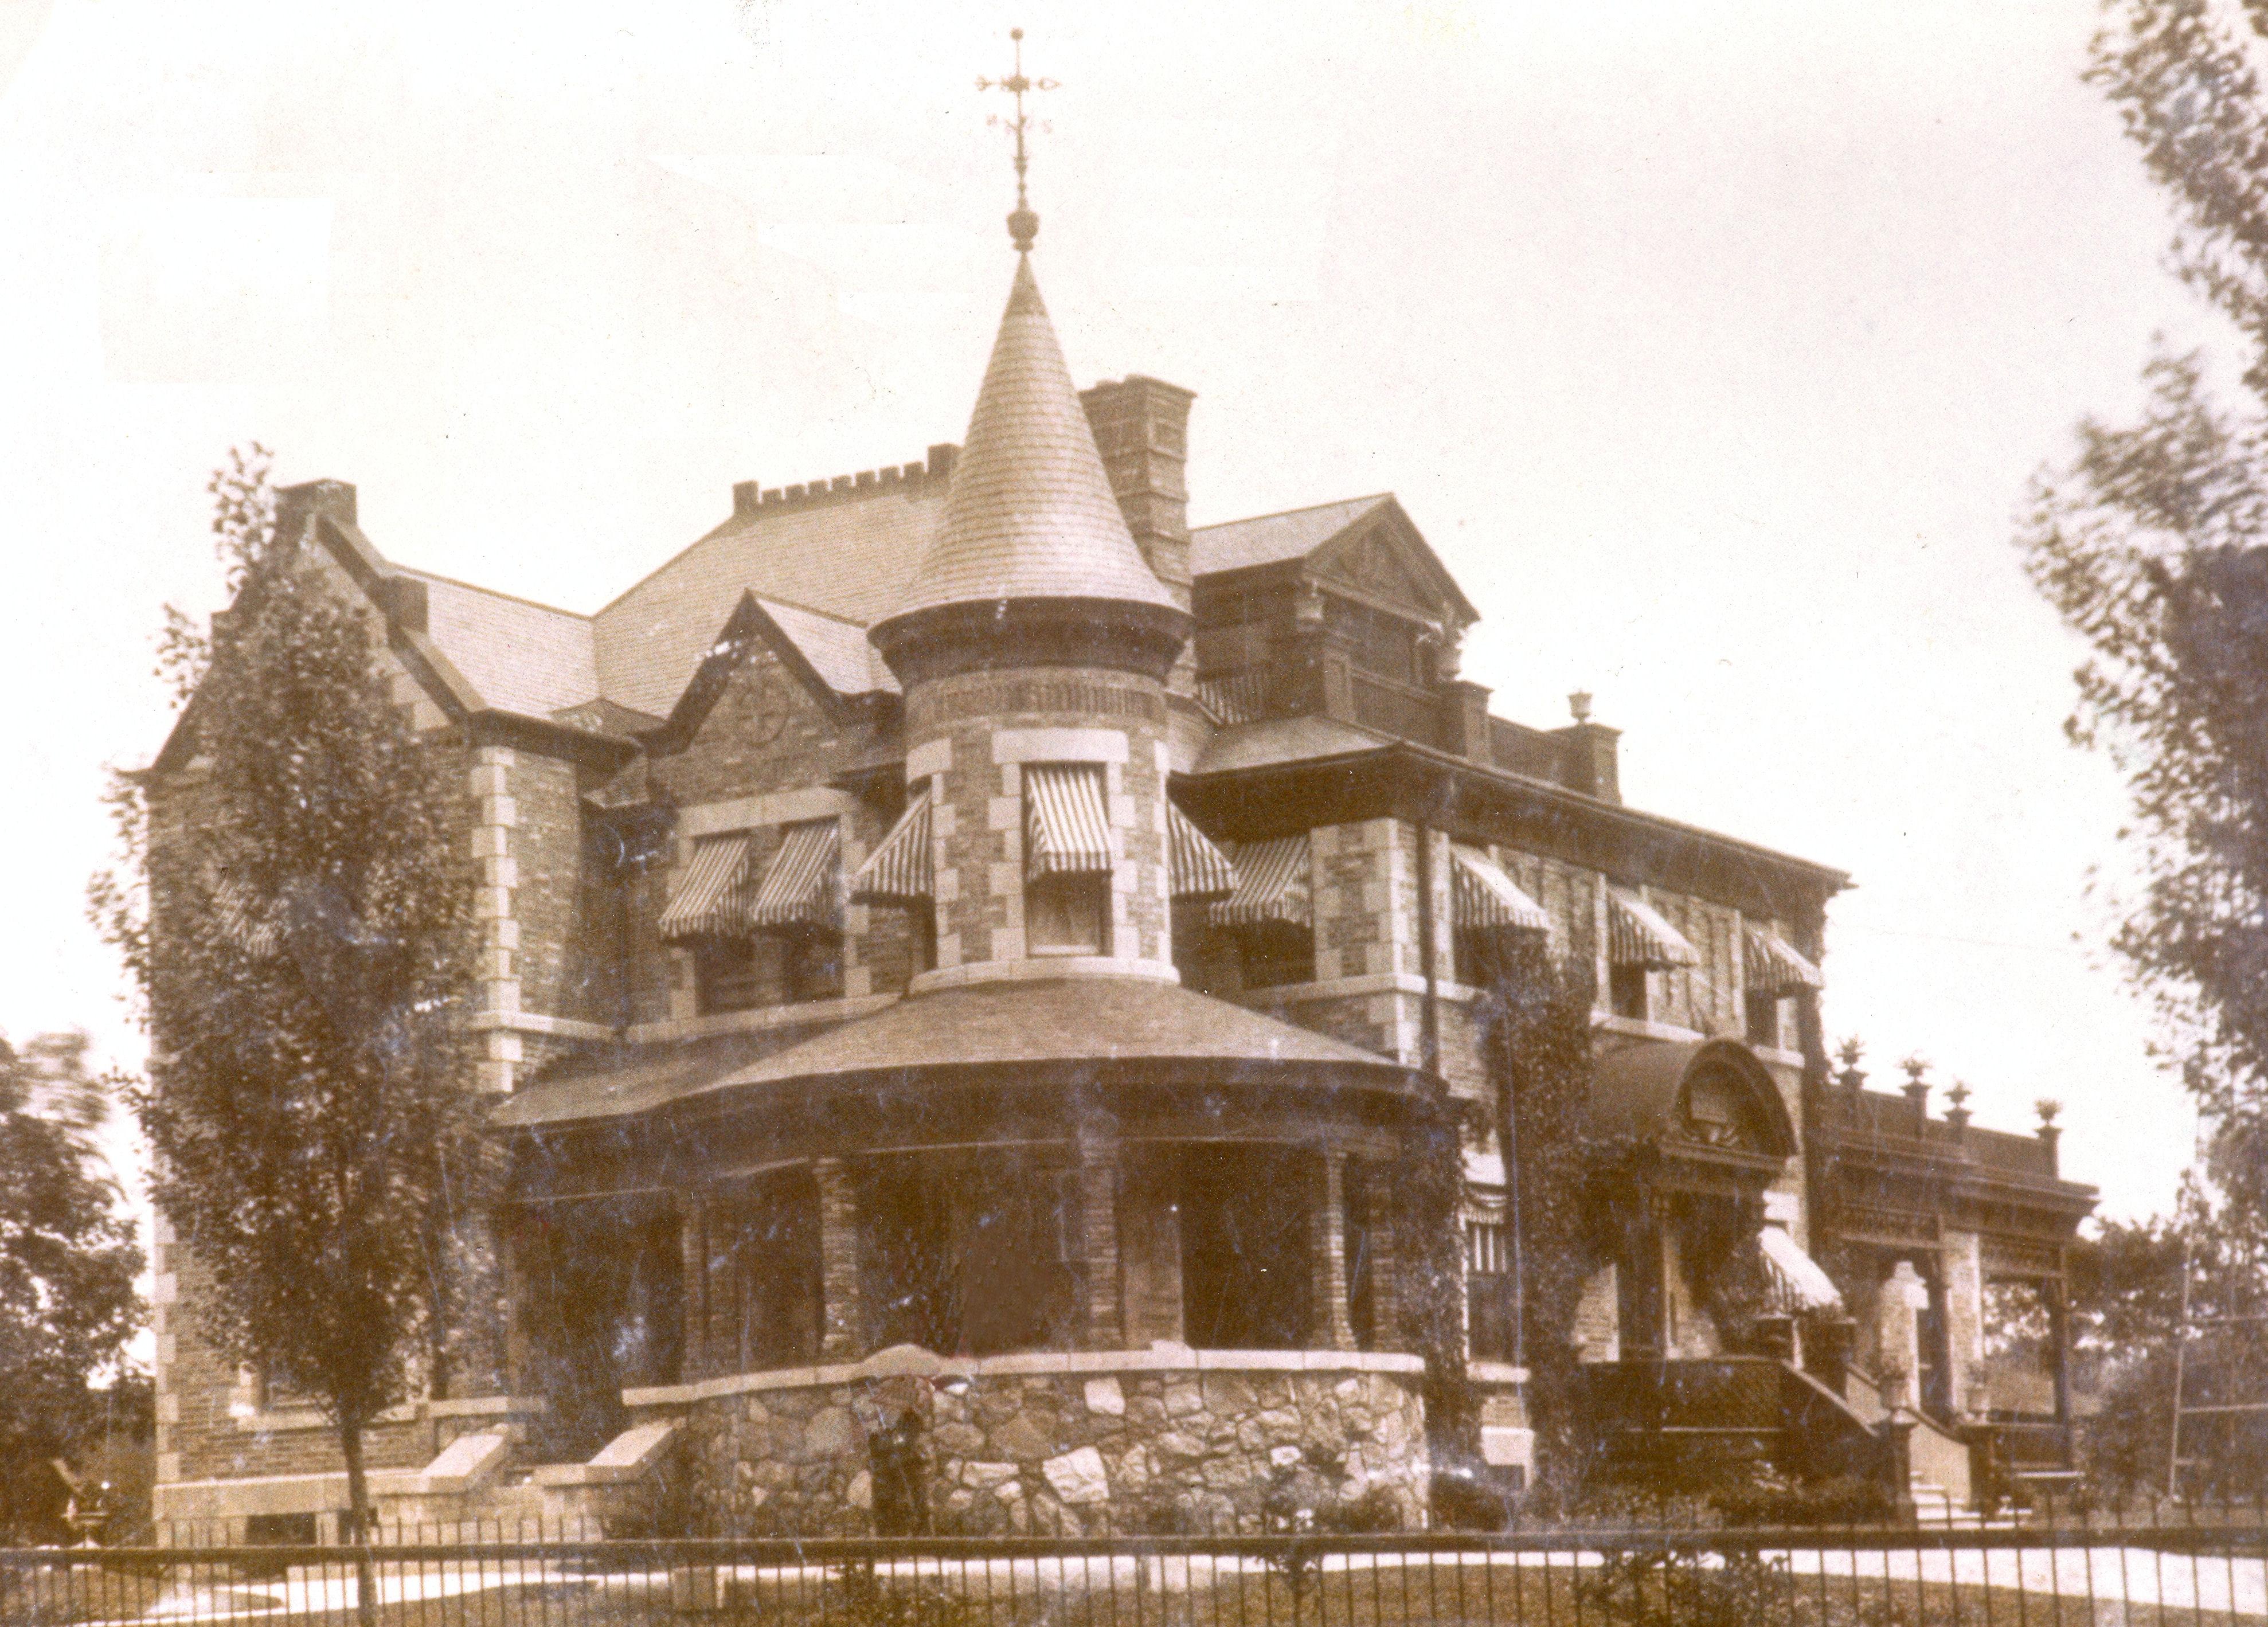 historique du chteau pierrefonds ste gen_entre 1902 et 1990_15 928 gouin o_chteau pfds_disp_ - Chateau De Pierrefonds Mariage